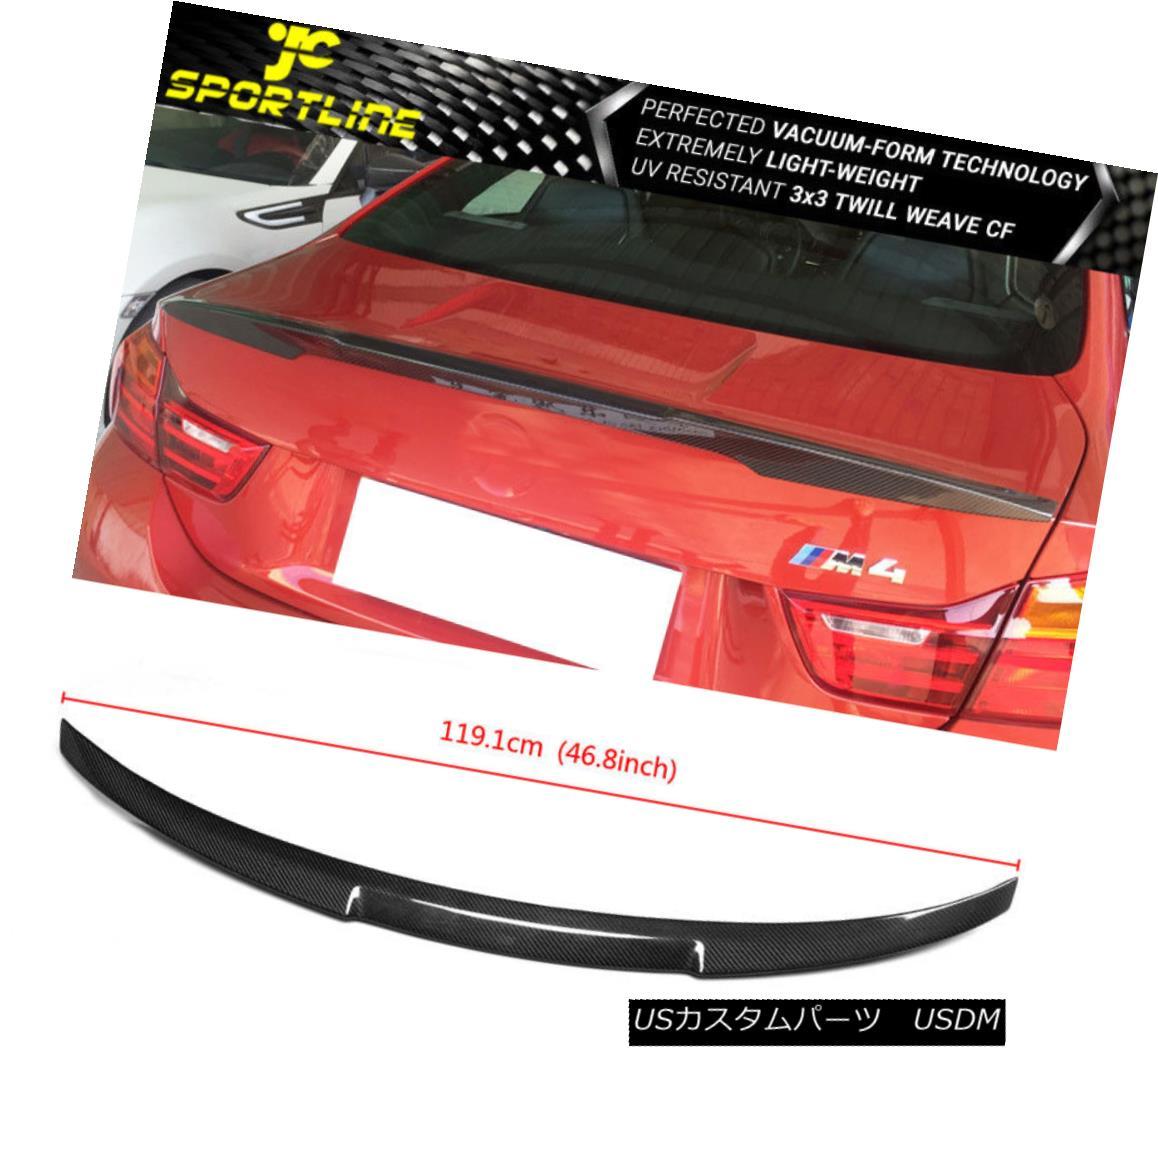 エアロパーツ Fits 14-18 BMW M4 F82 Trunk Spoiler Carbon Fiber CF フィット14-18 BMW M4 F82トランクスポイラー炭素繊維CF